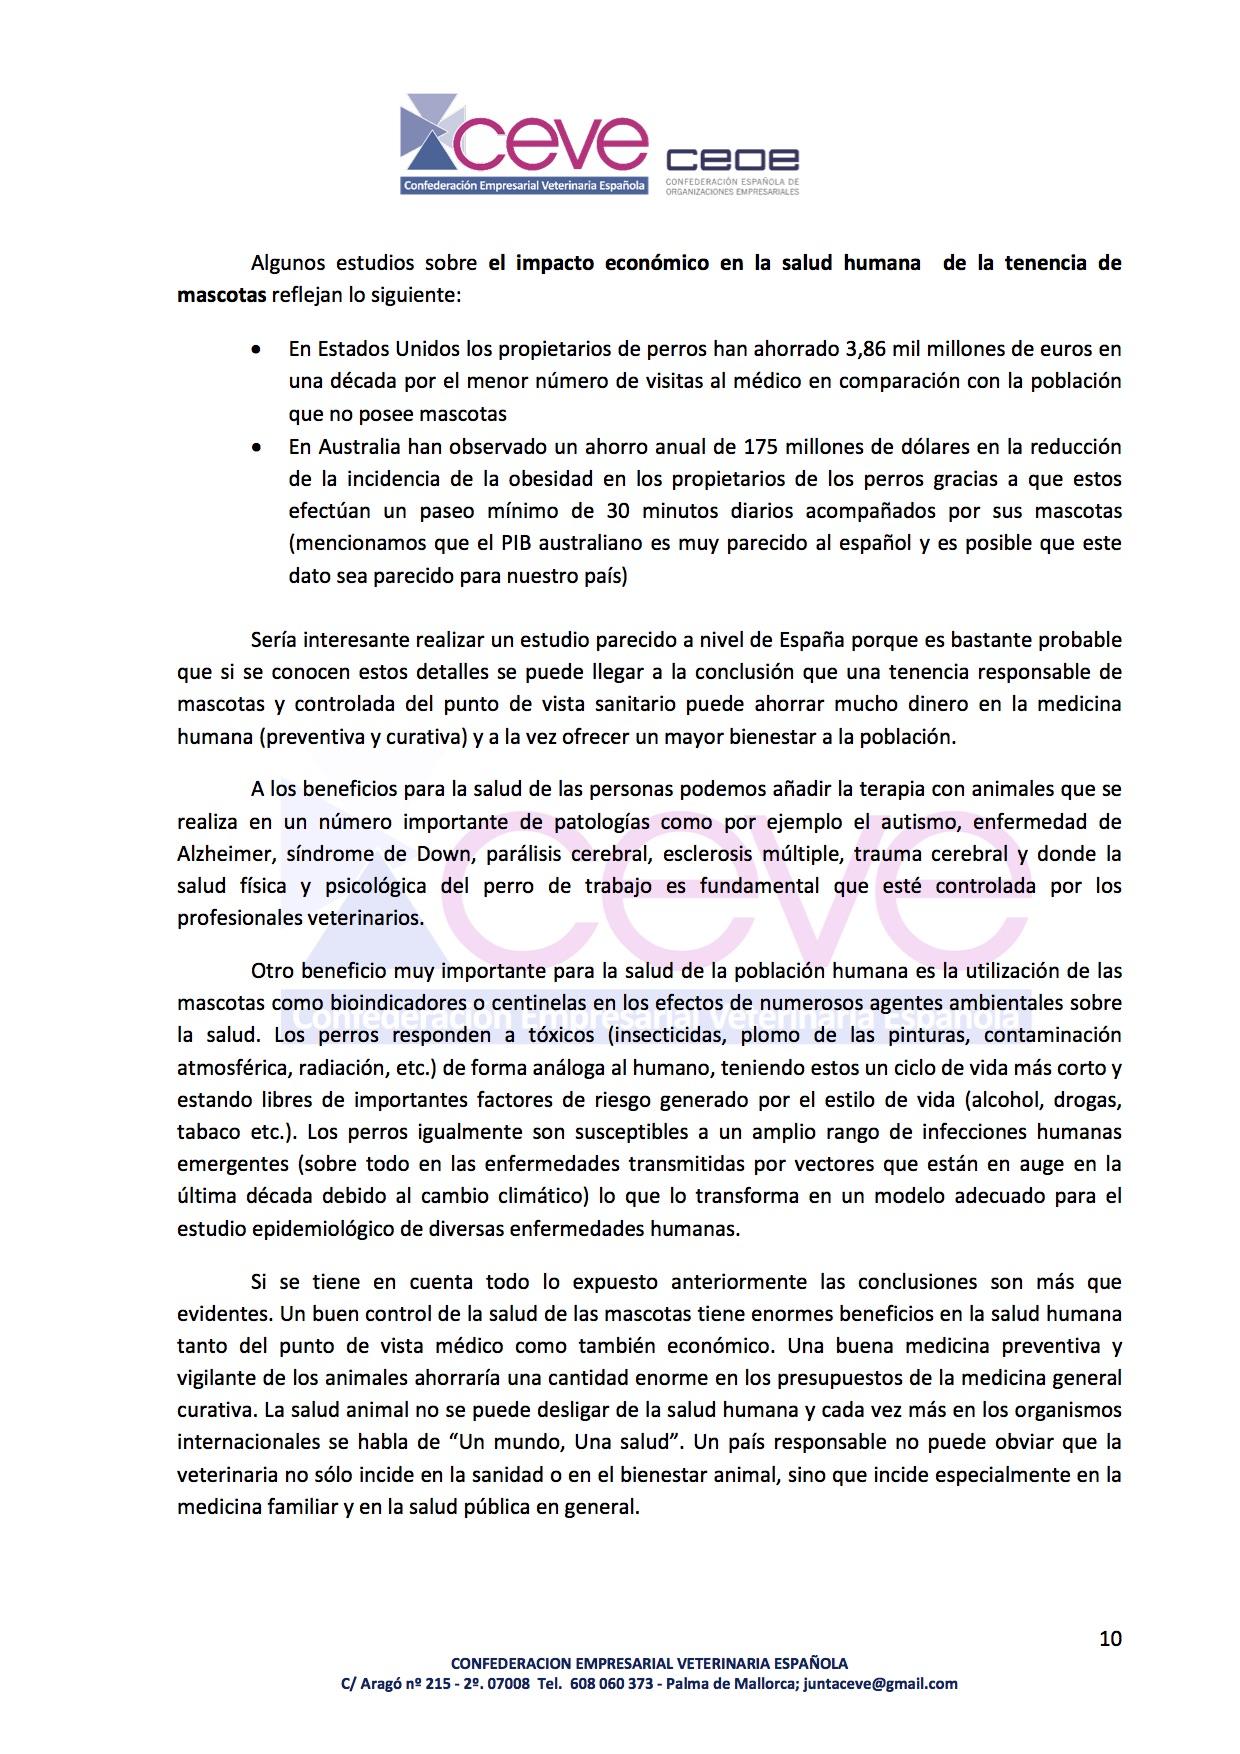 INFOME CEVE SOBRE EL IVA 11VETERINARIO DESBLOQUEADO